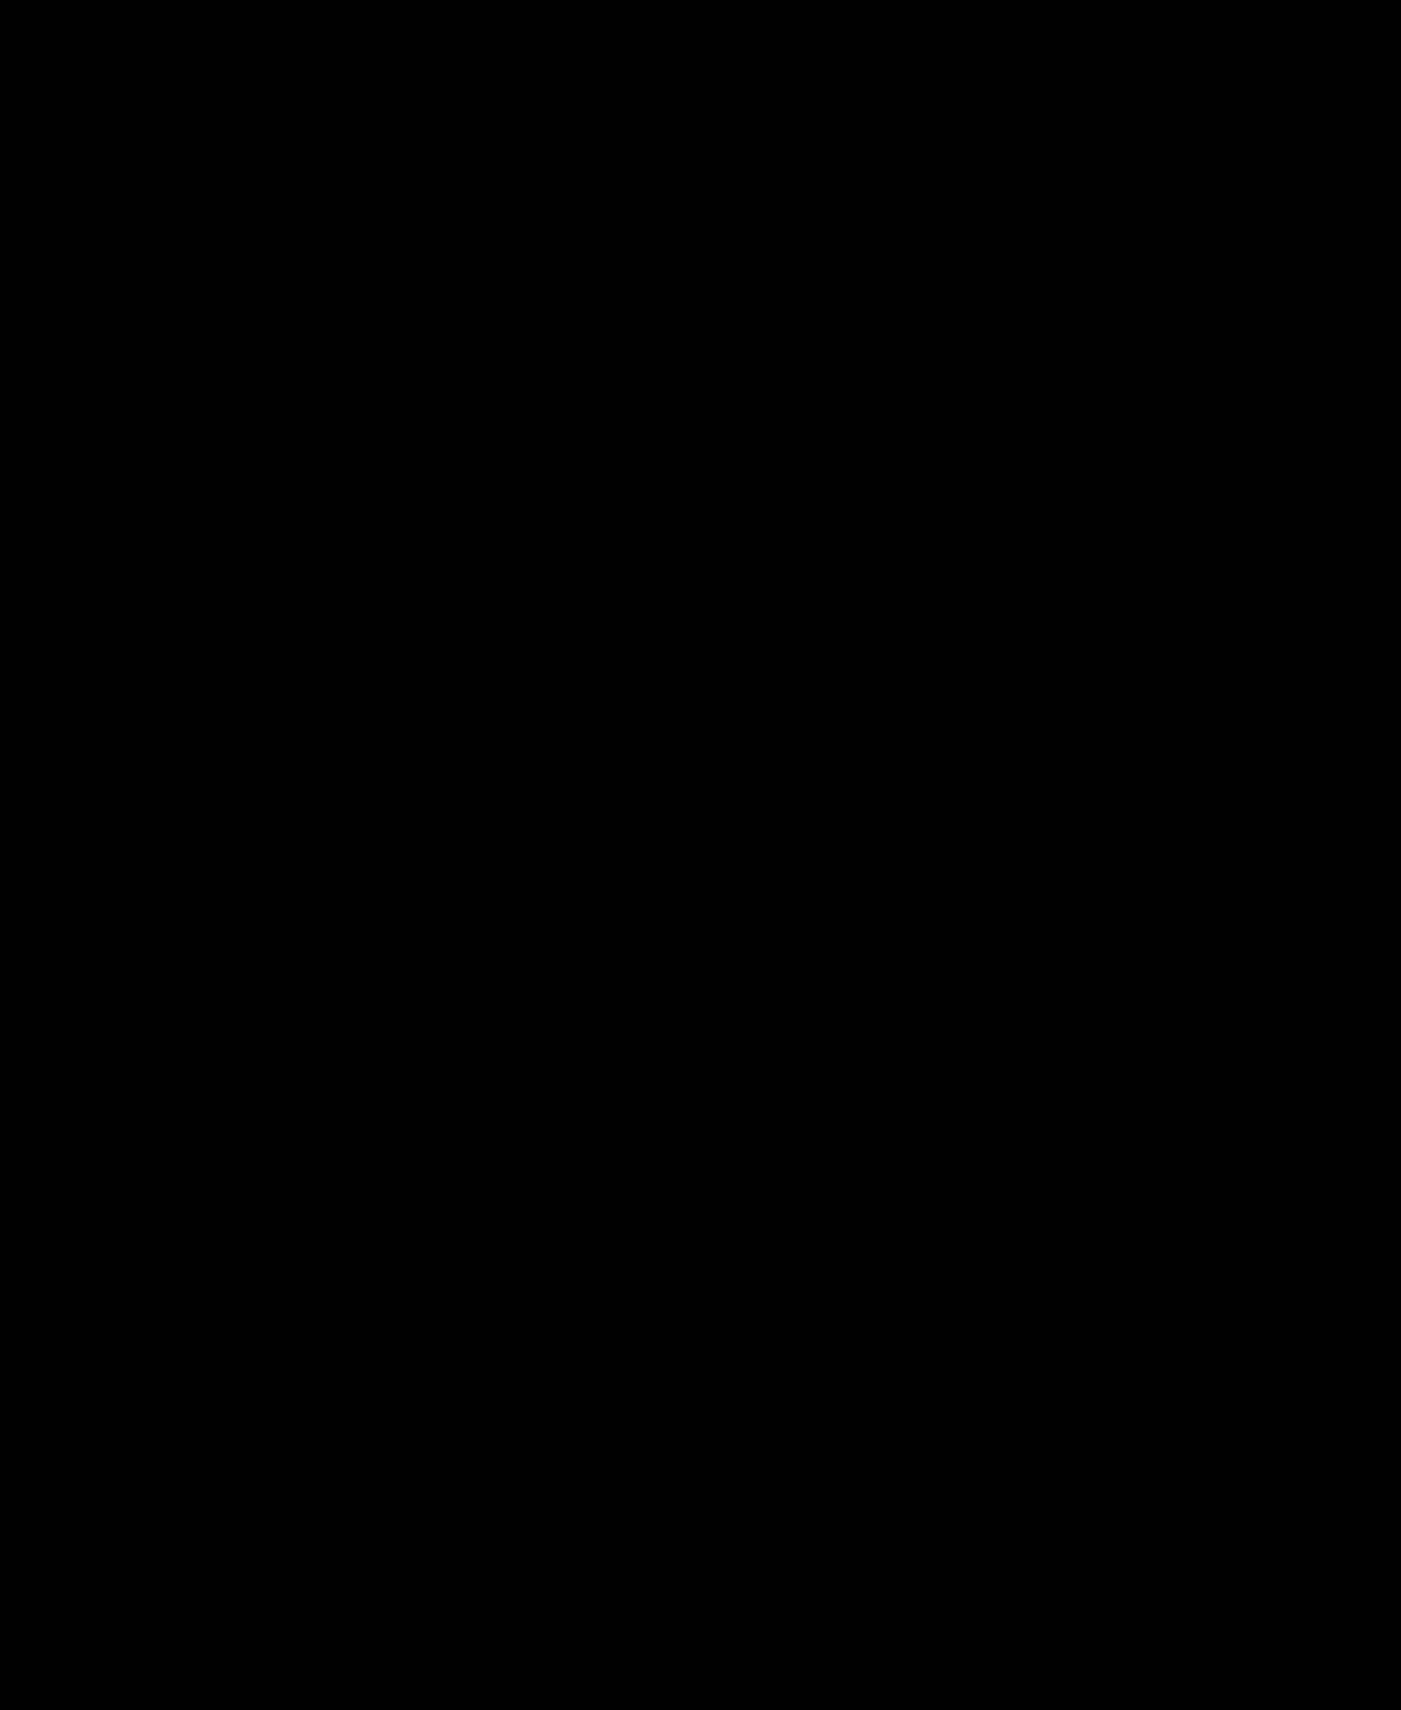 VIC NIC